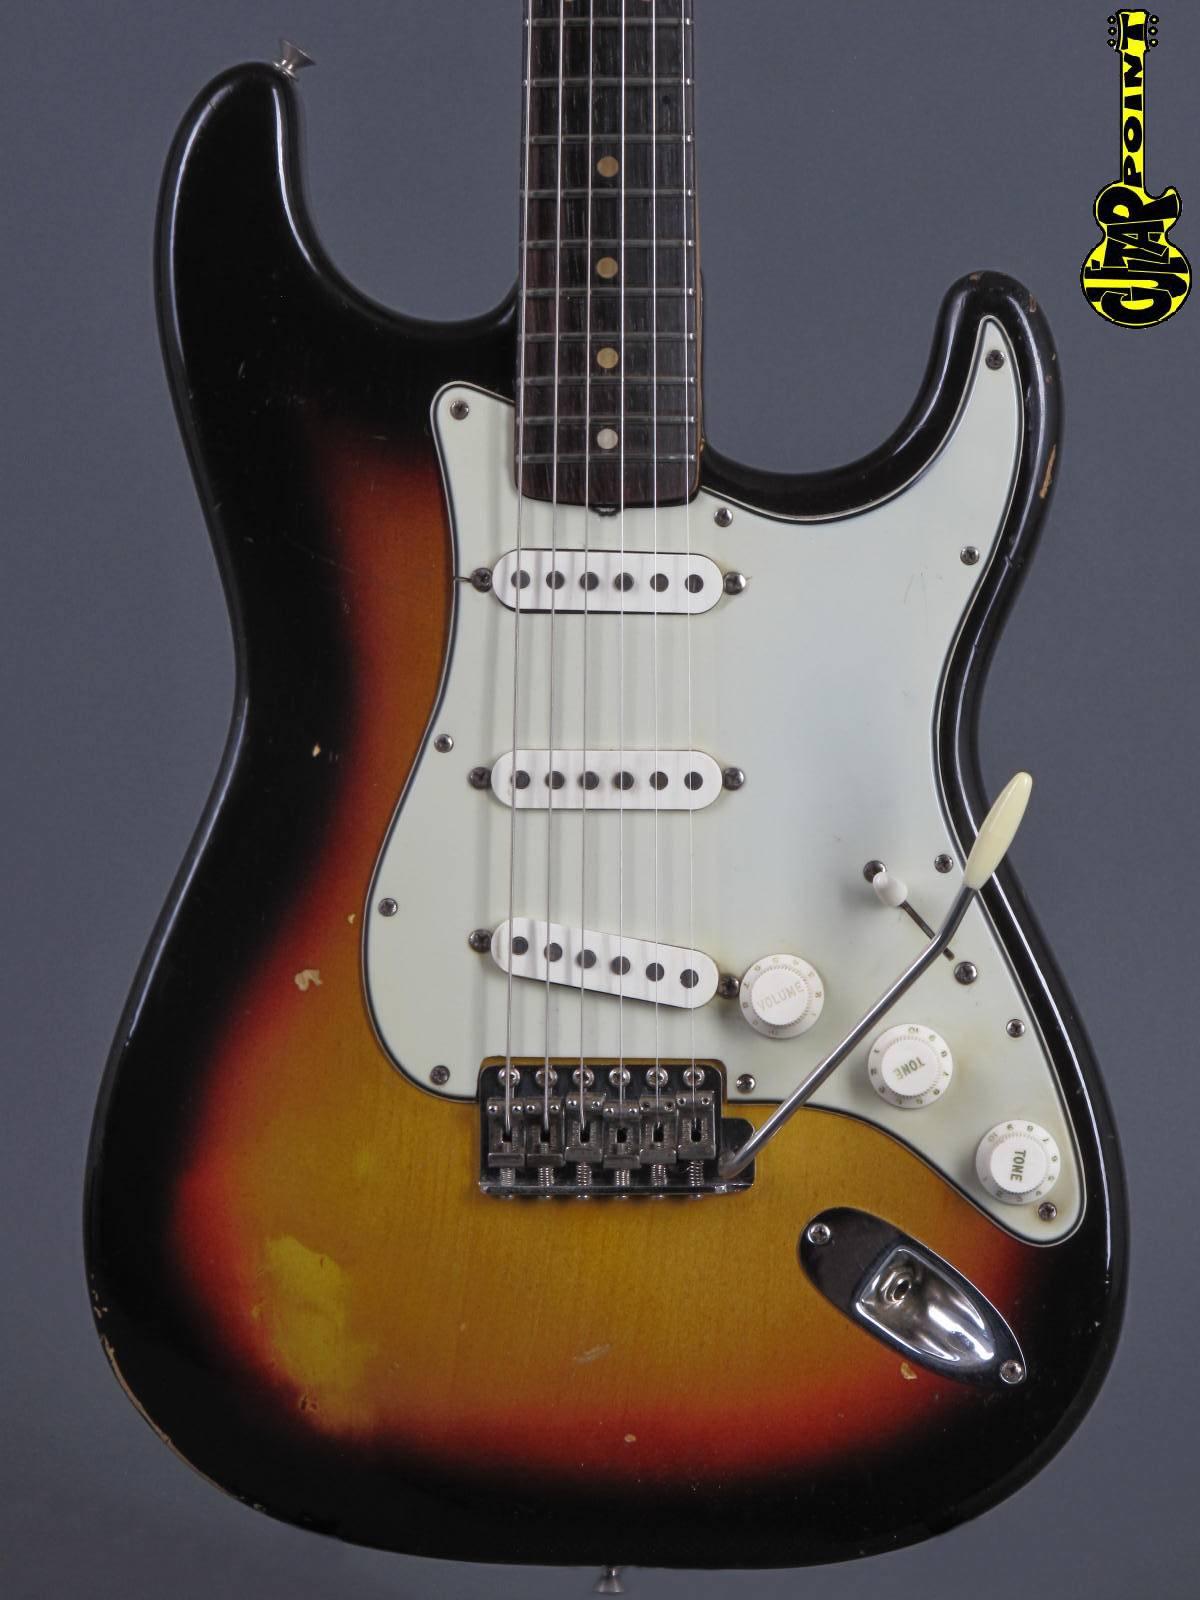 1963 Fender Stratocaster Olympic White + OSSC - ATB Guitars Ltd.